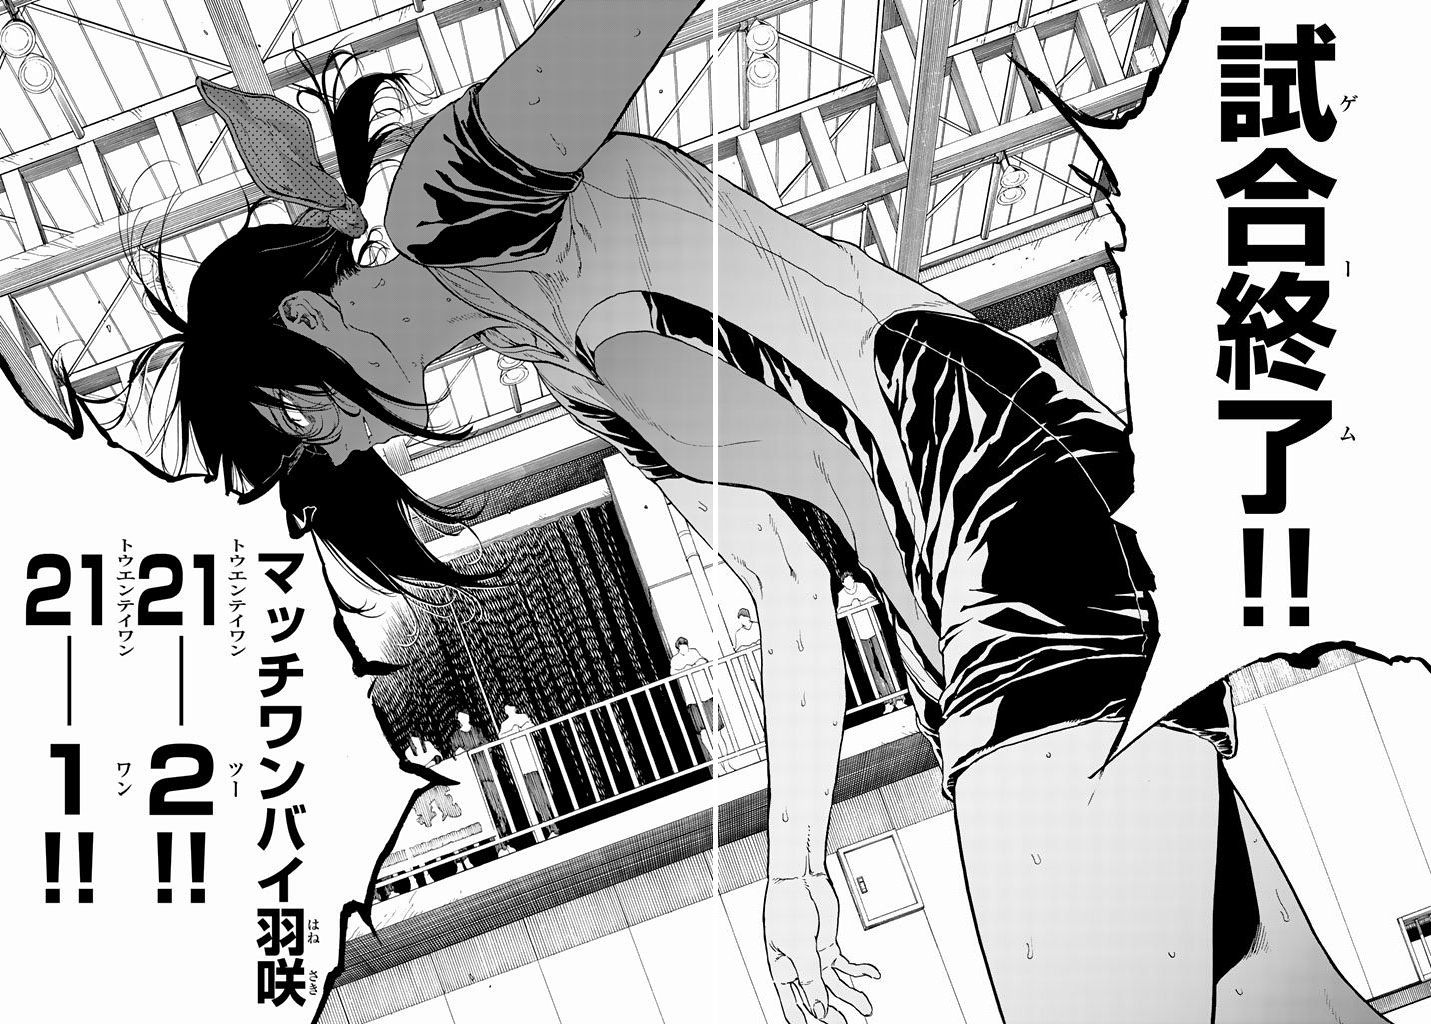 hanebado 0 アニメ, バド, スポーツ